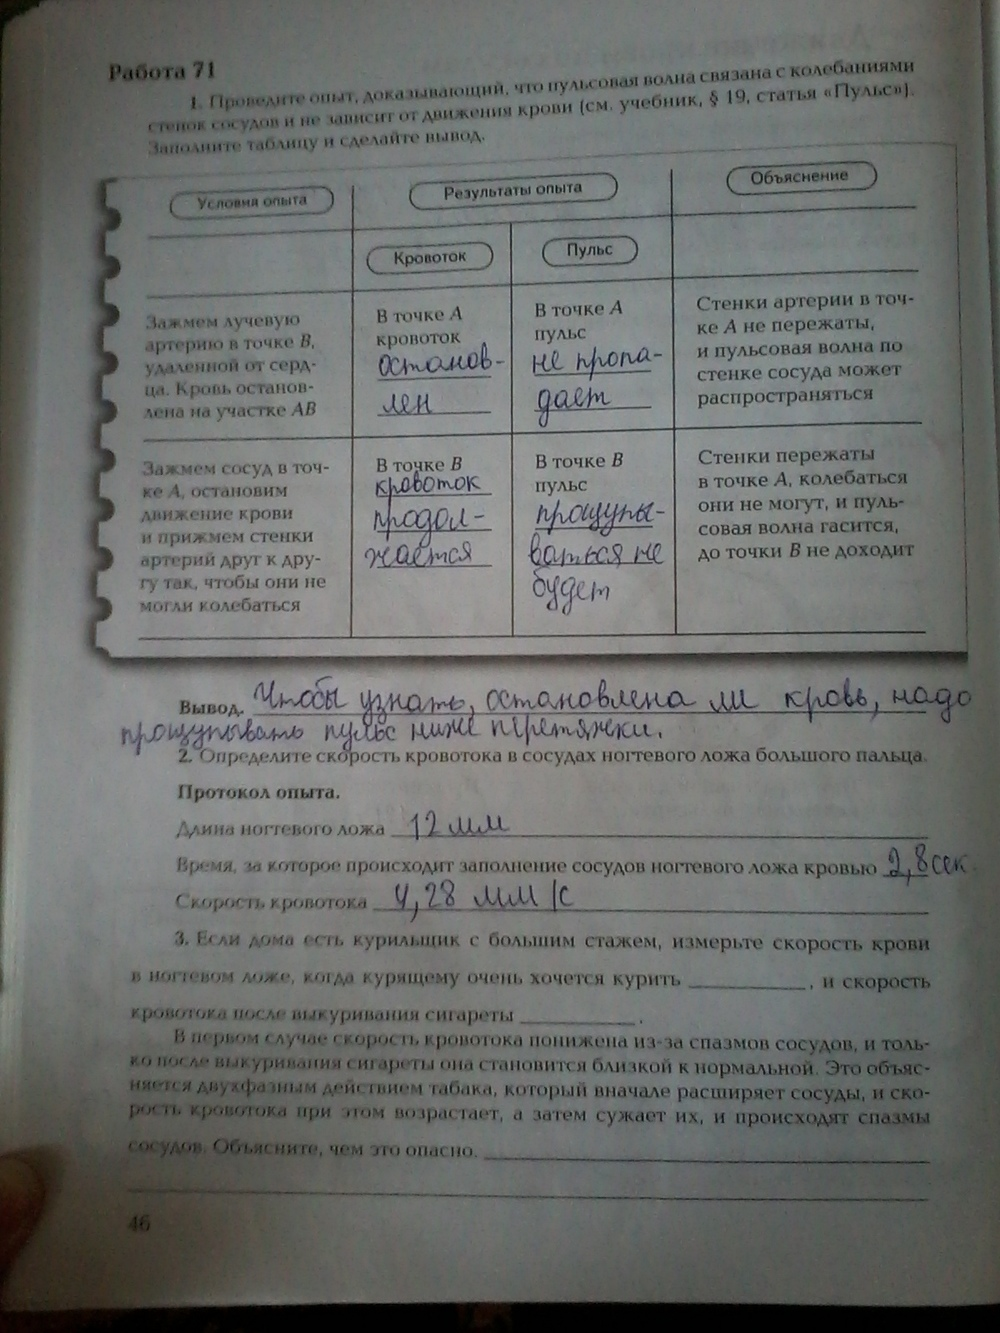 Биология 8 класс учебник драгомилов маш гдз учебник ответы